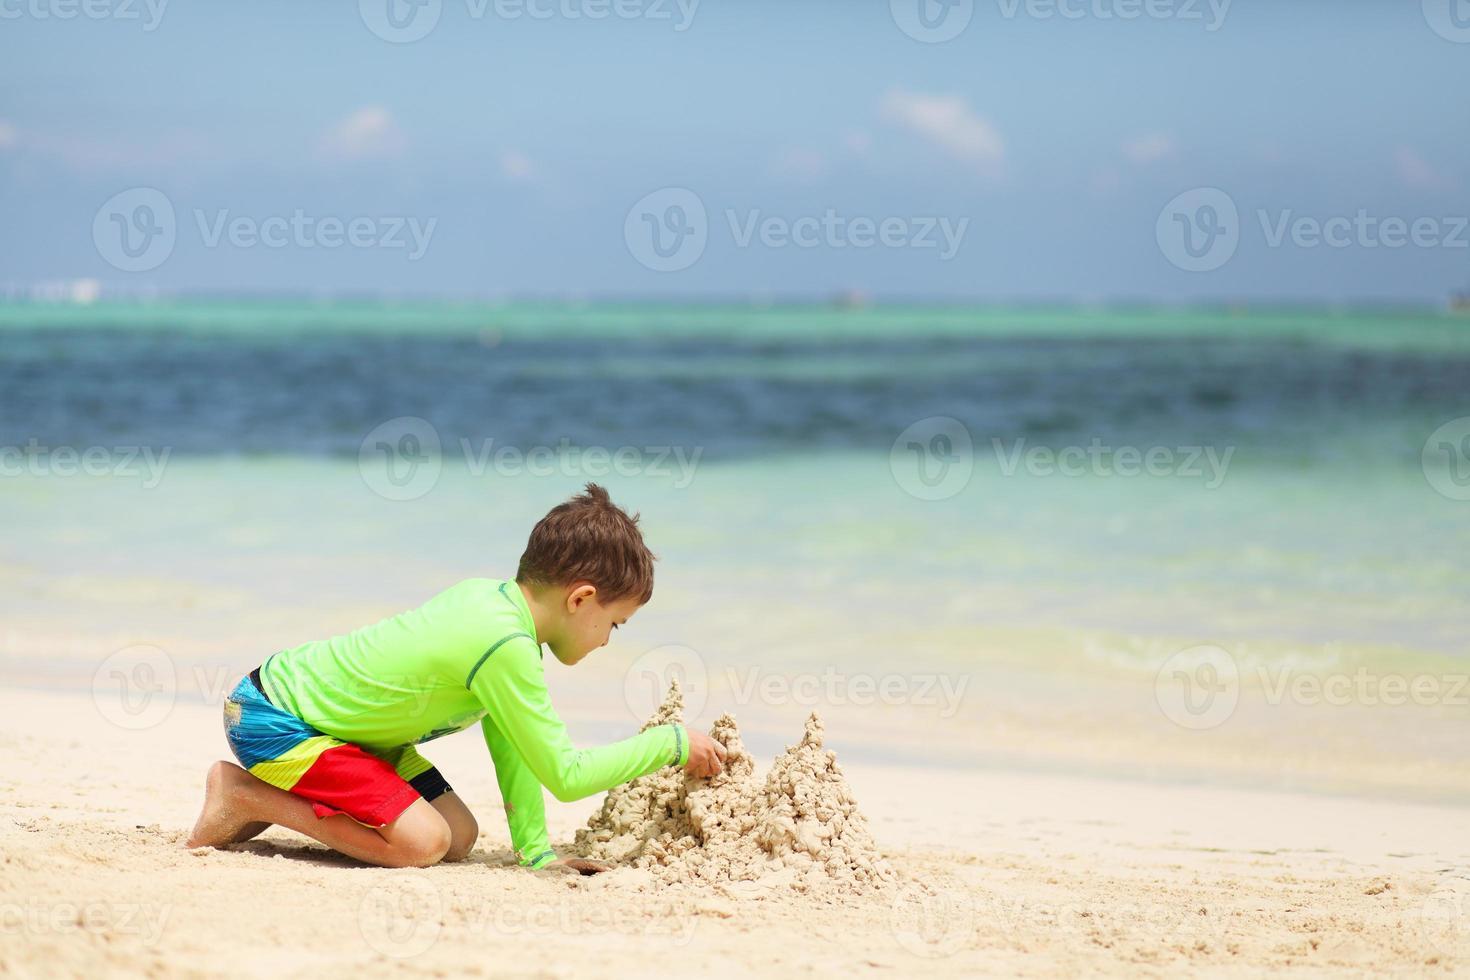 Chico caucásico construyendo castillos de arena en la playa tropical foto